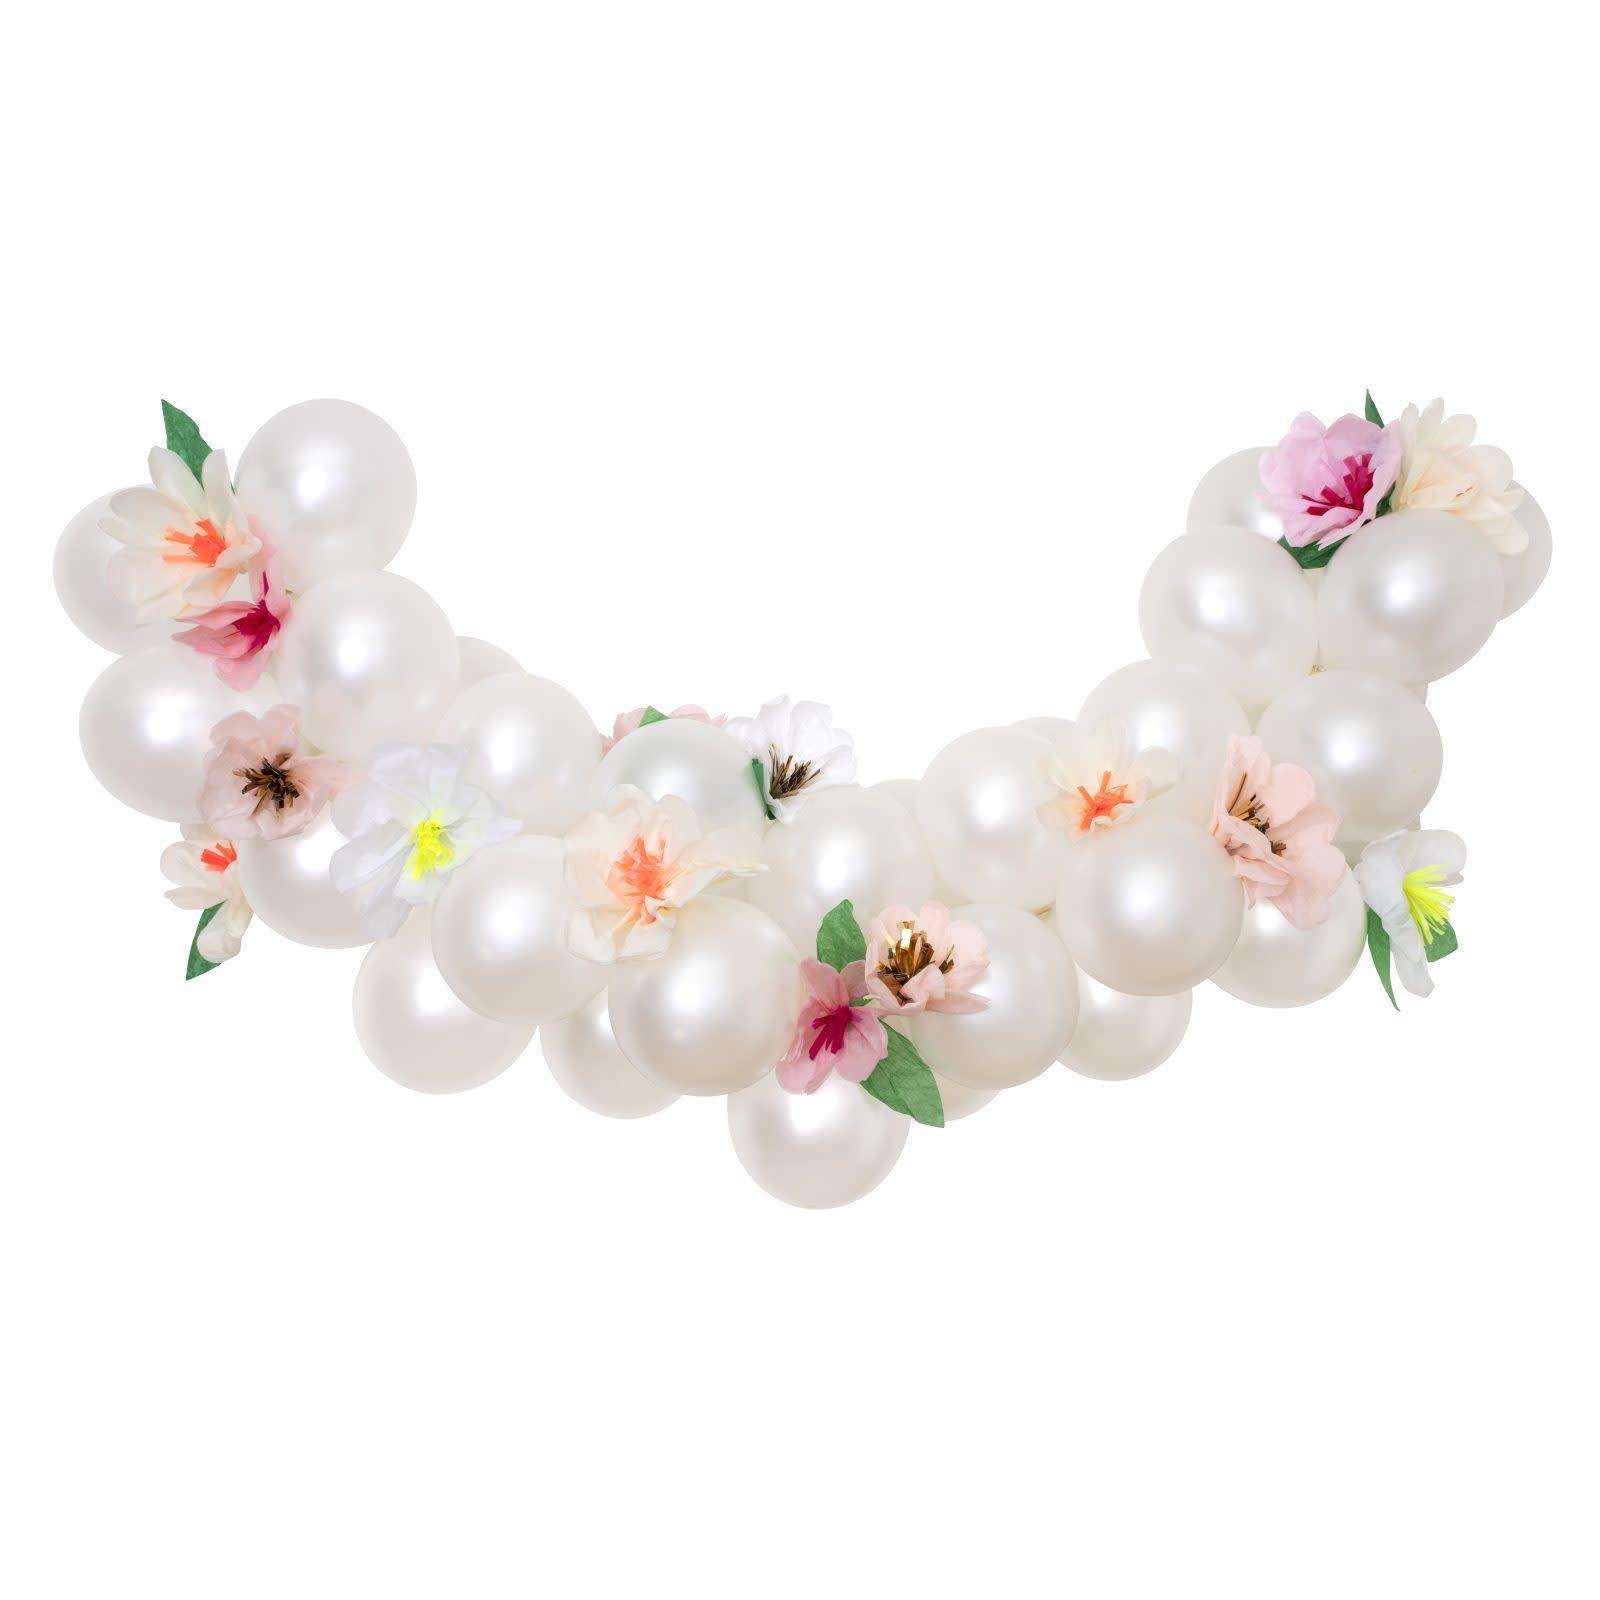 MERIMERI Floral balloon garland kit